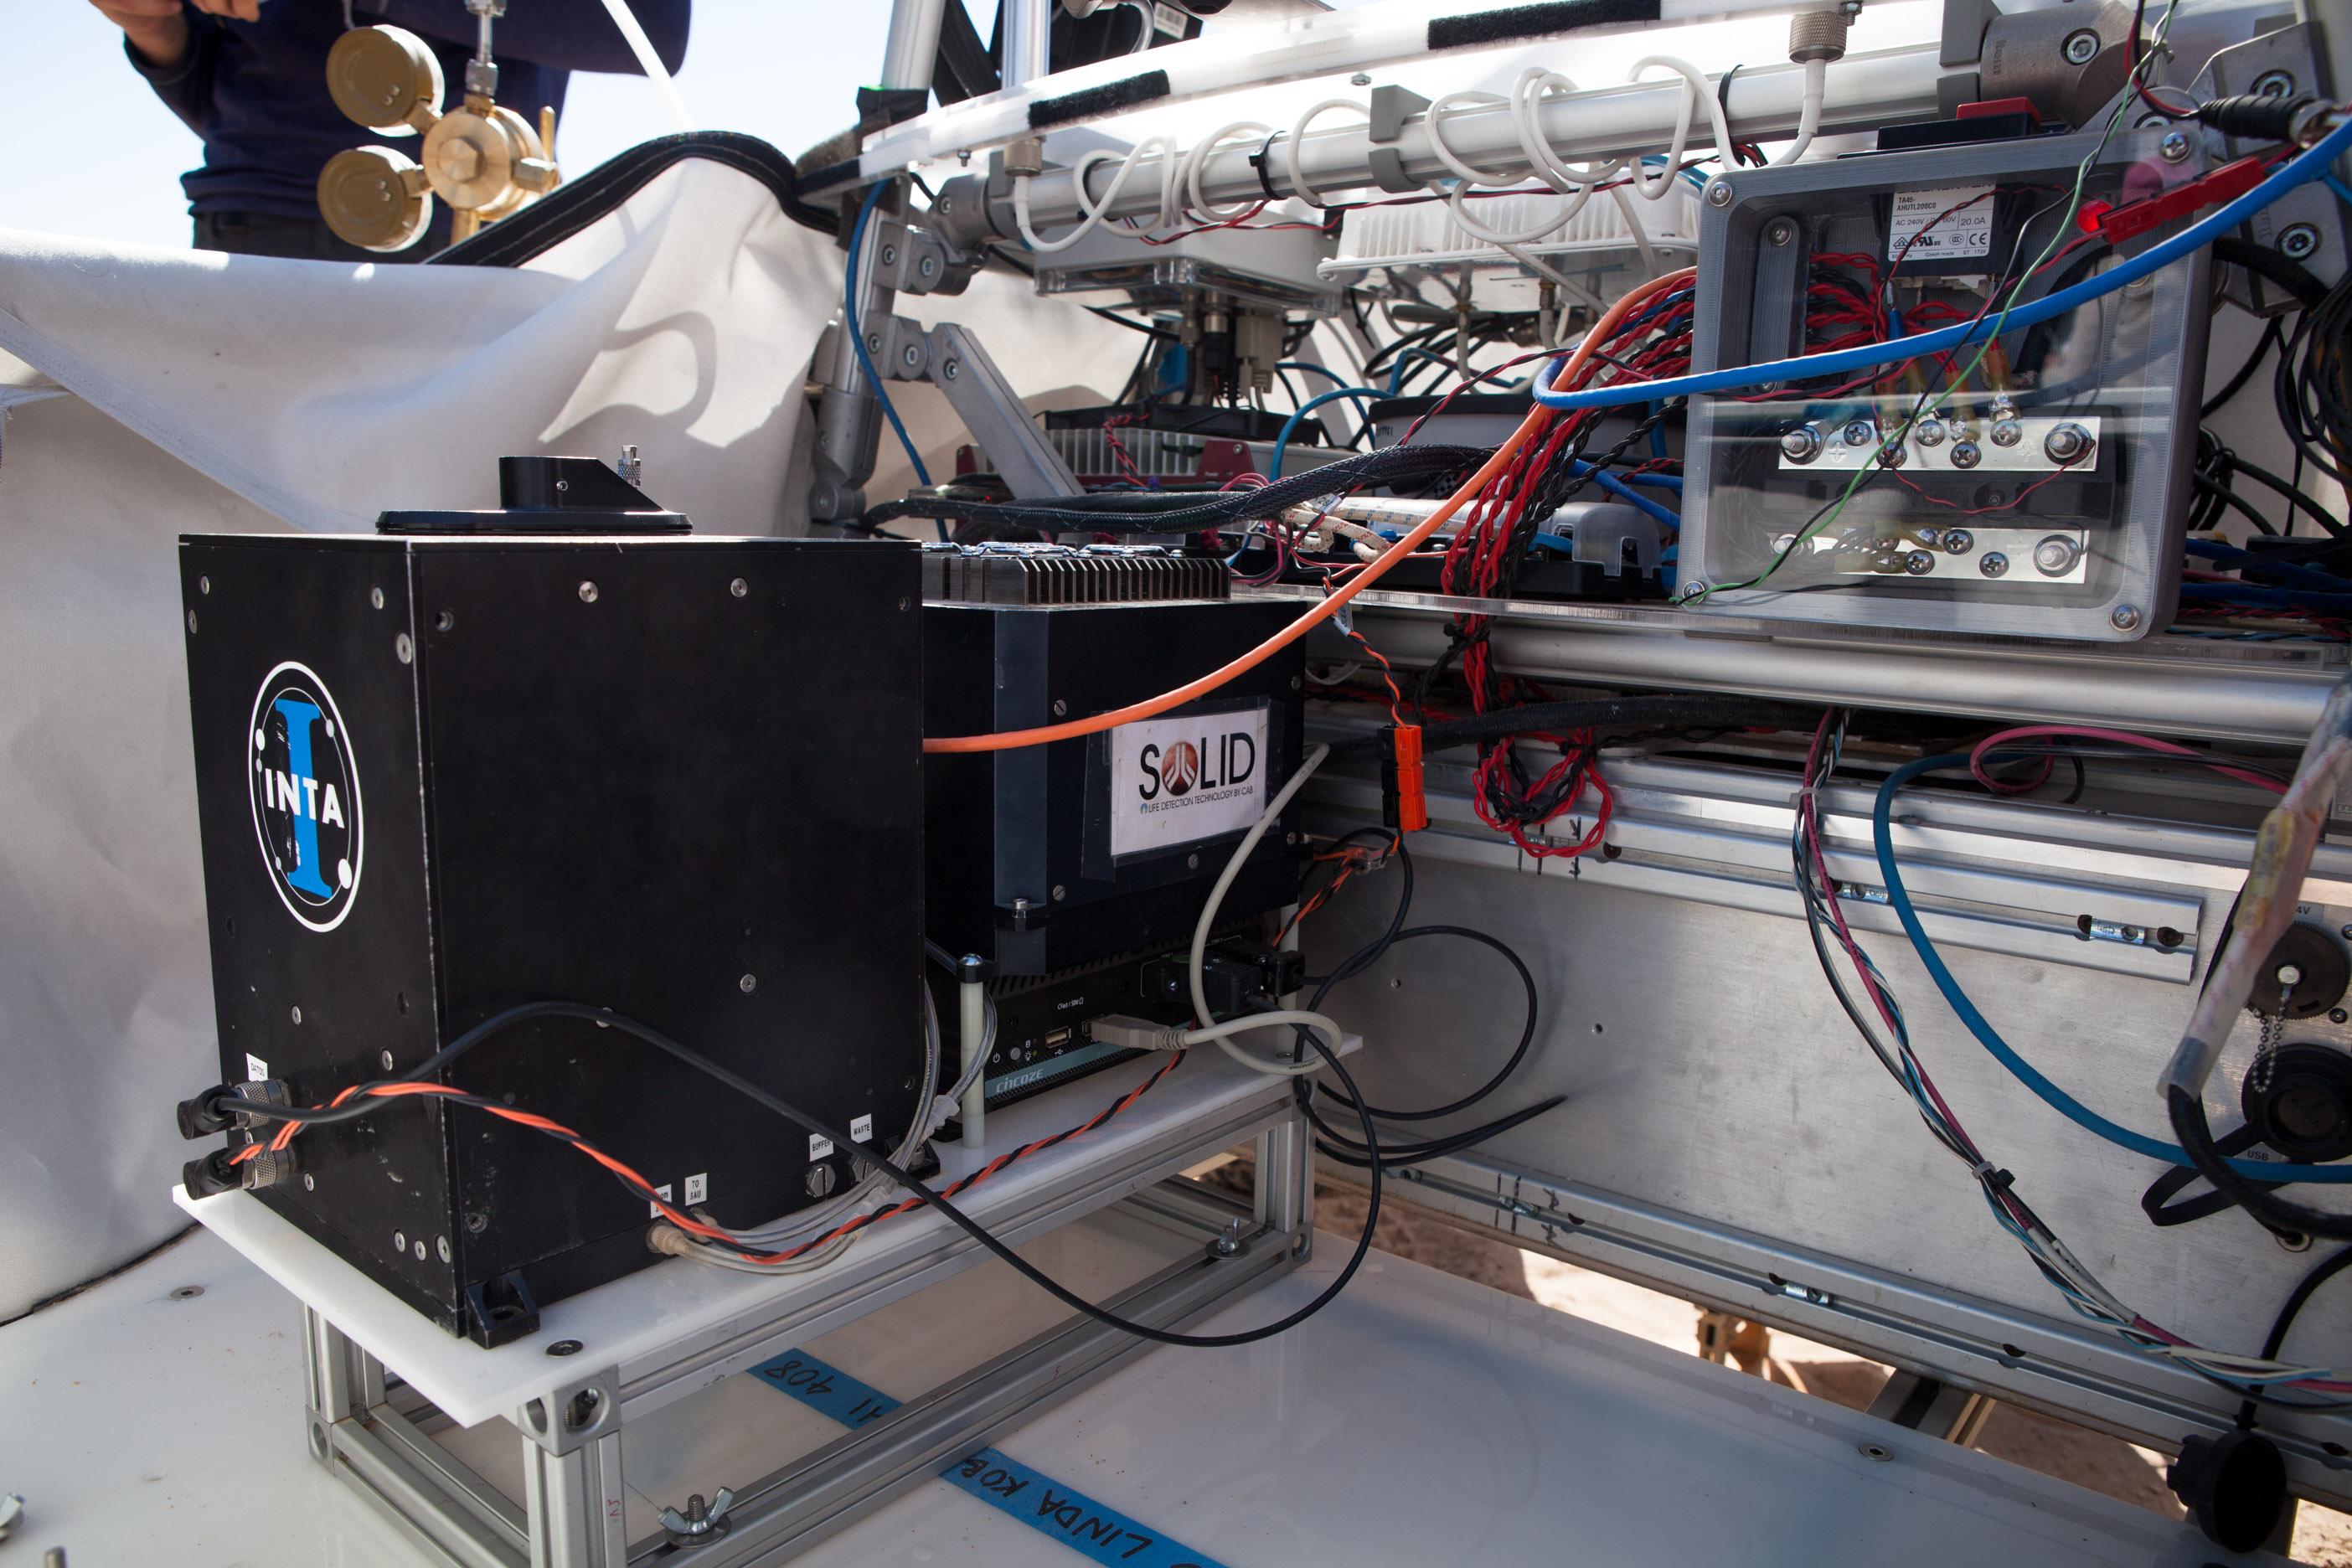 SOLID en plataforma del rover krex2